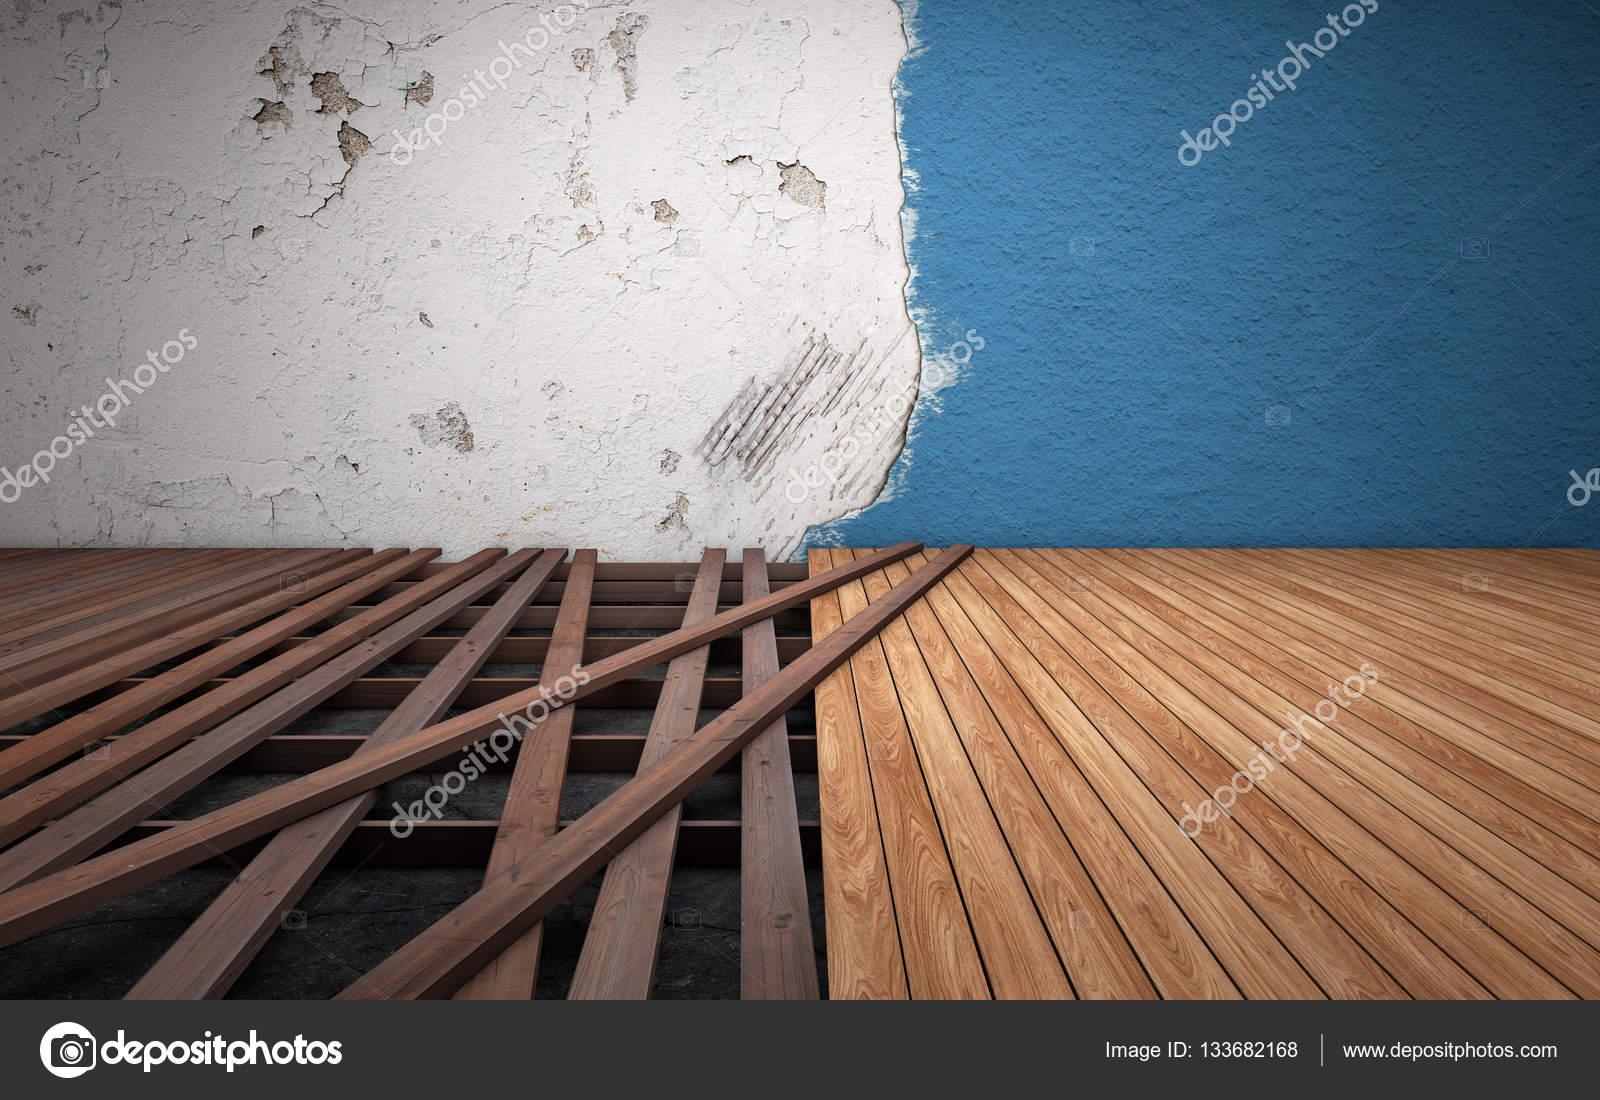 Reparaci 243 N De Habitaci 243 N Vieja Rota Piso Tablones De